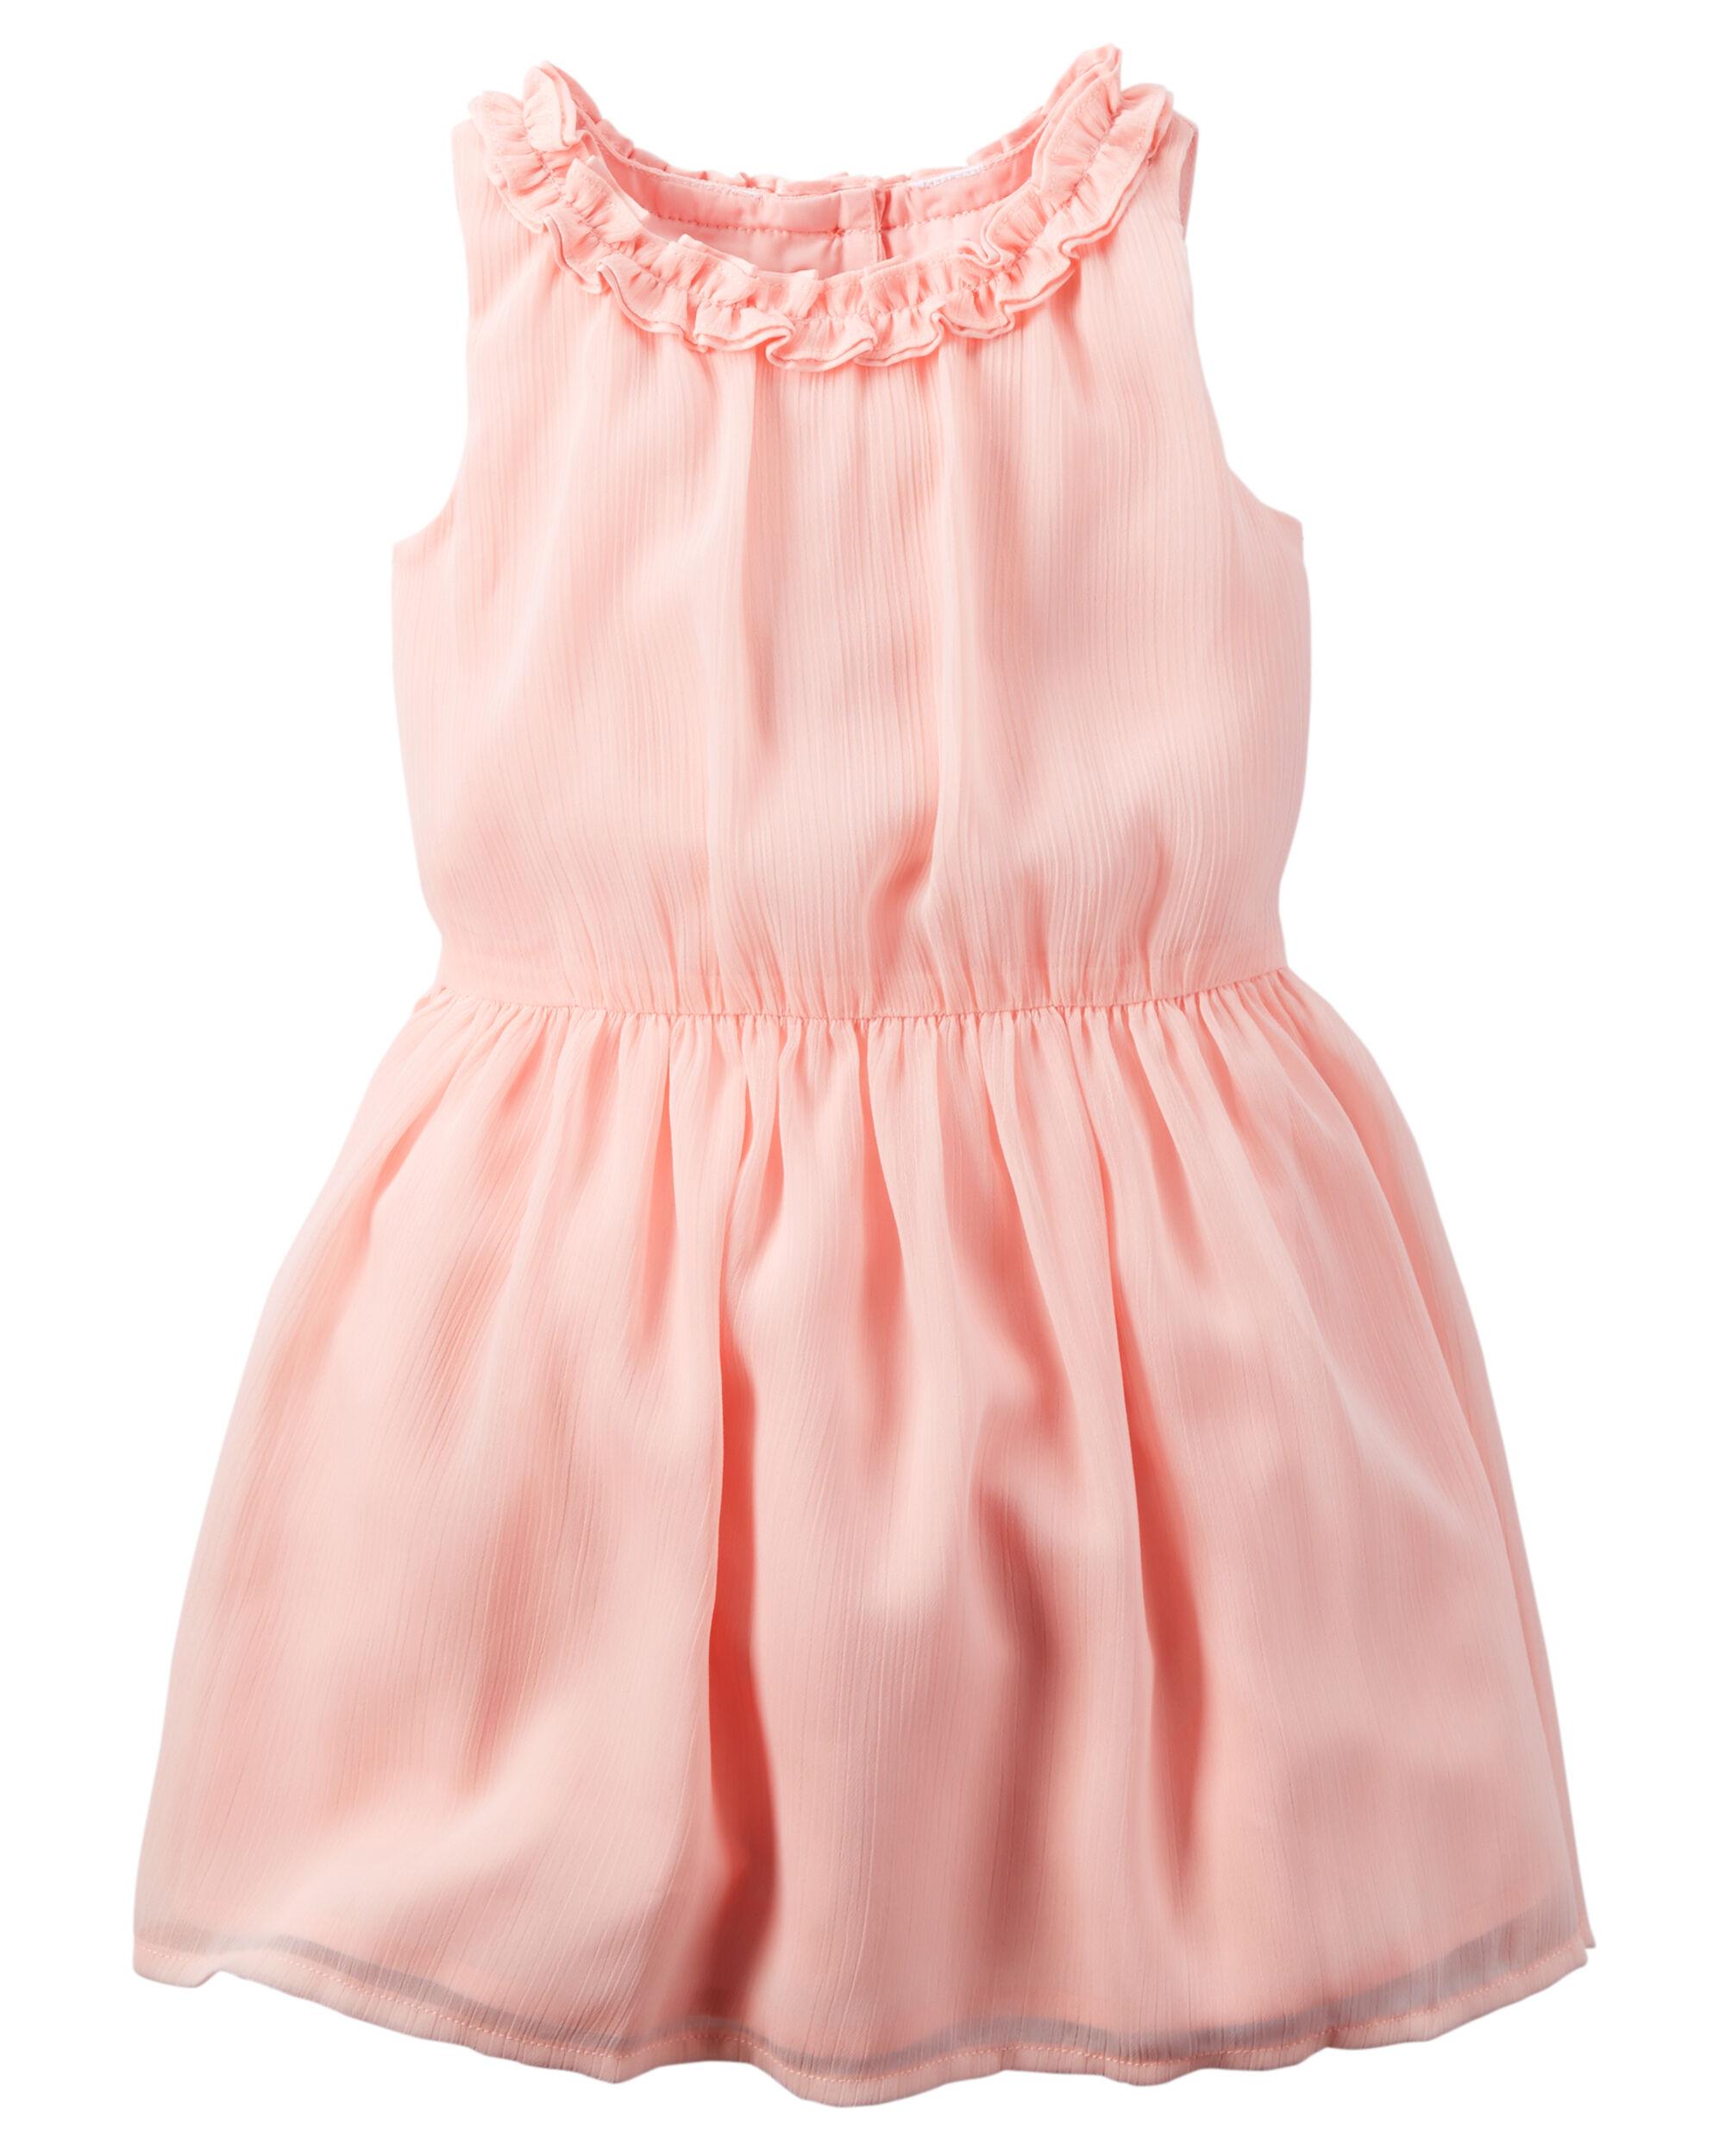 Crinkle Chiffon Dress | Carters.com